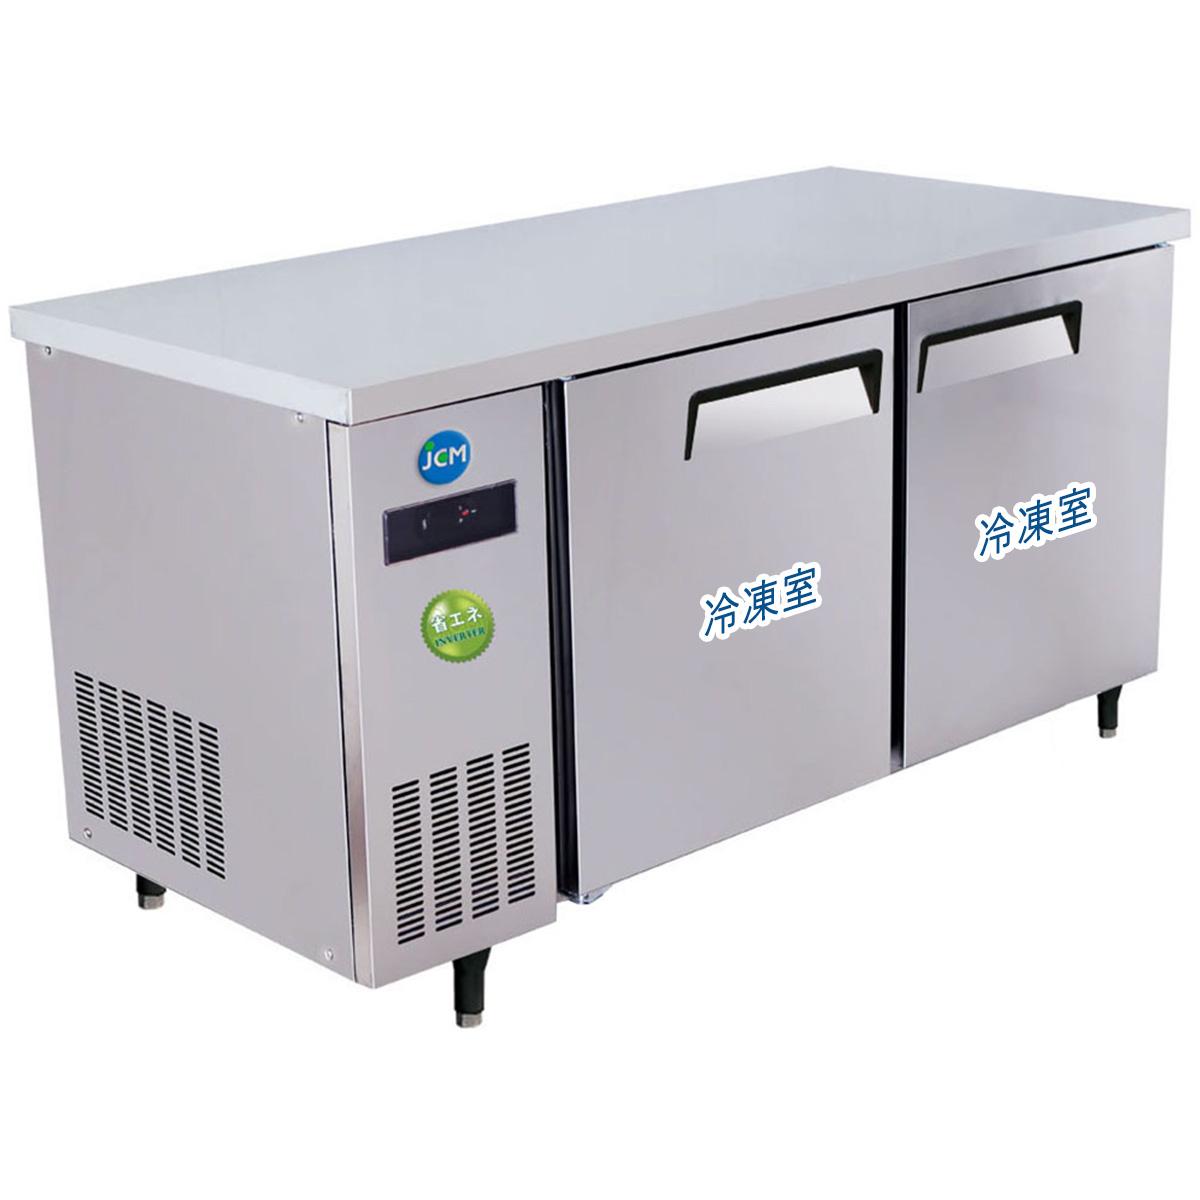 JCM ヨコ型 冷凍庫 JCMF-1560T-I 業務用 冷凍 コールドテーブル 台下 省エネ 【代引不可】